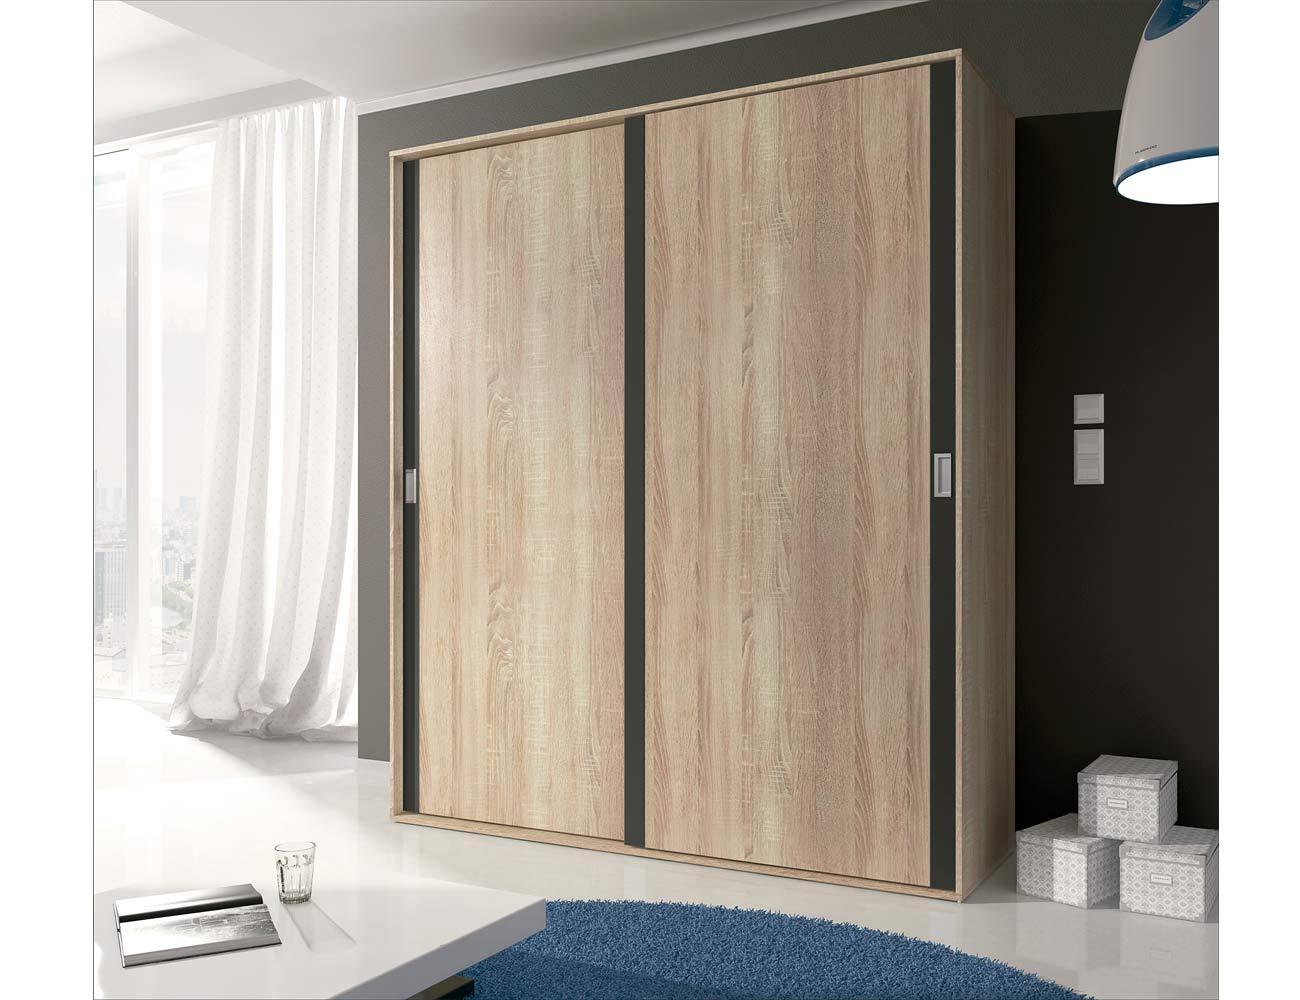 13 armario 2 puertas correderas cambrian grafito2